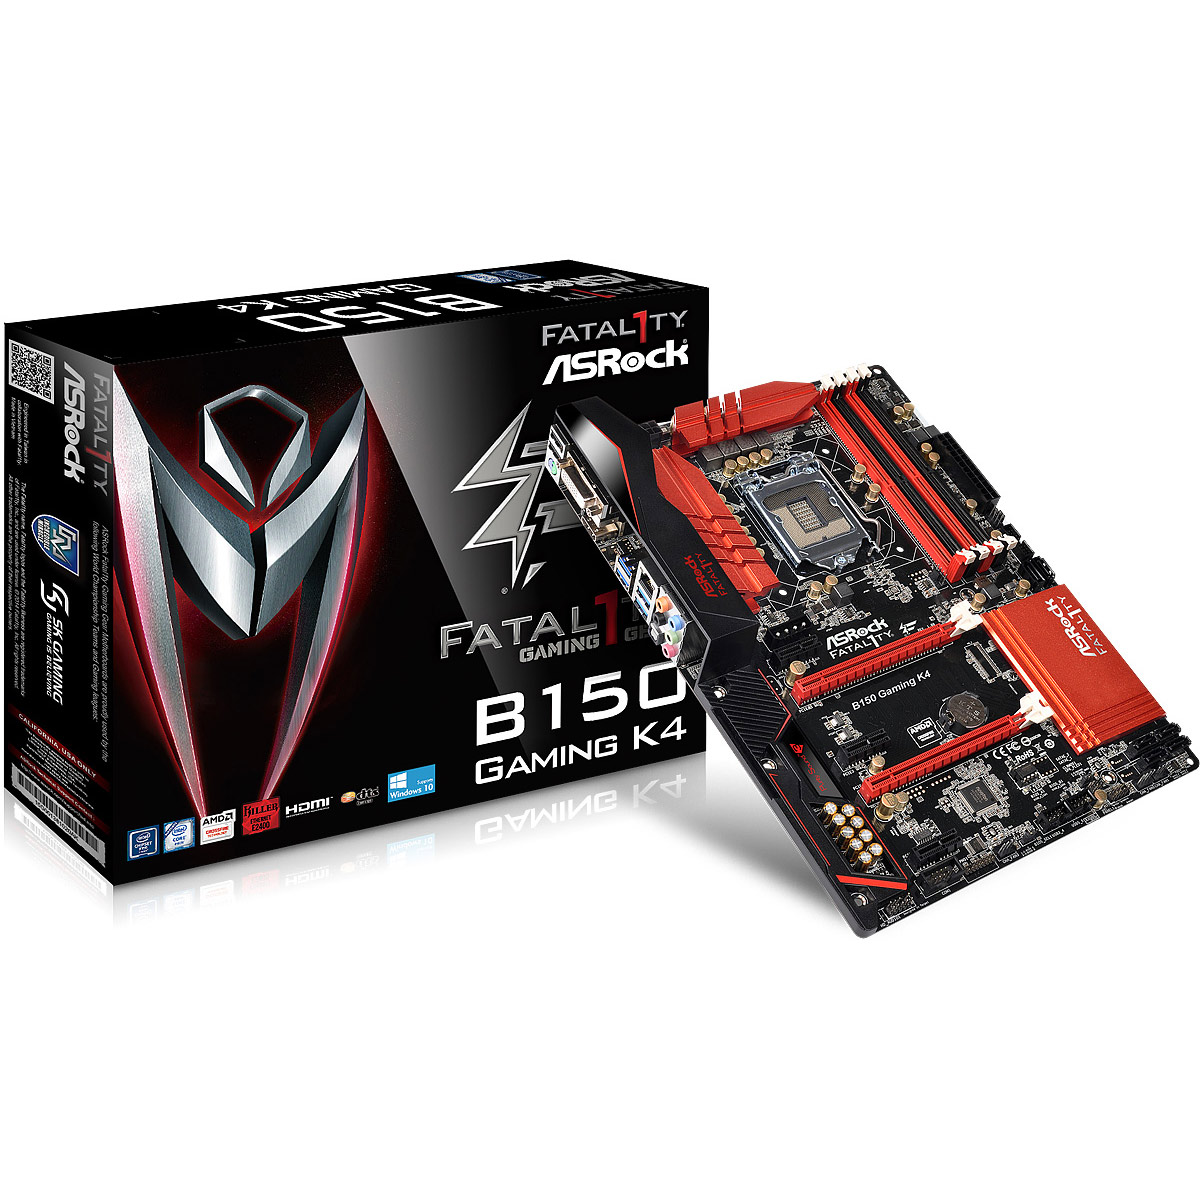 Carte mère ASRock Fatal1ty B150 Gaming K4 Carte mère ATX Socket 1151 Intel B150 Express - SATA 6Gb/s - USB 3.0 - 2x PCI-Express 3.0 16x